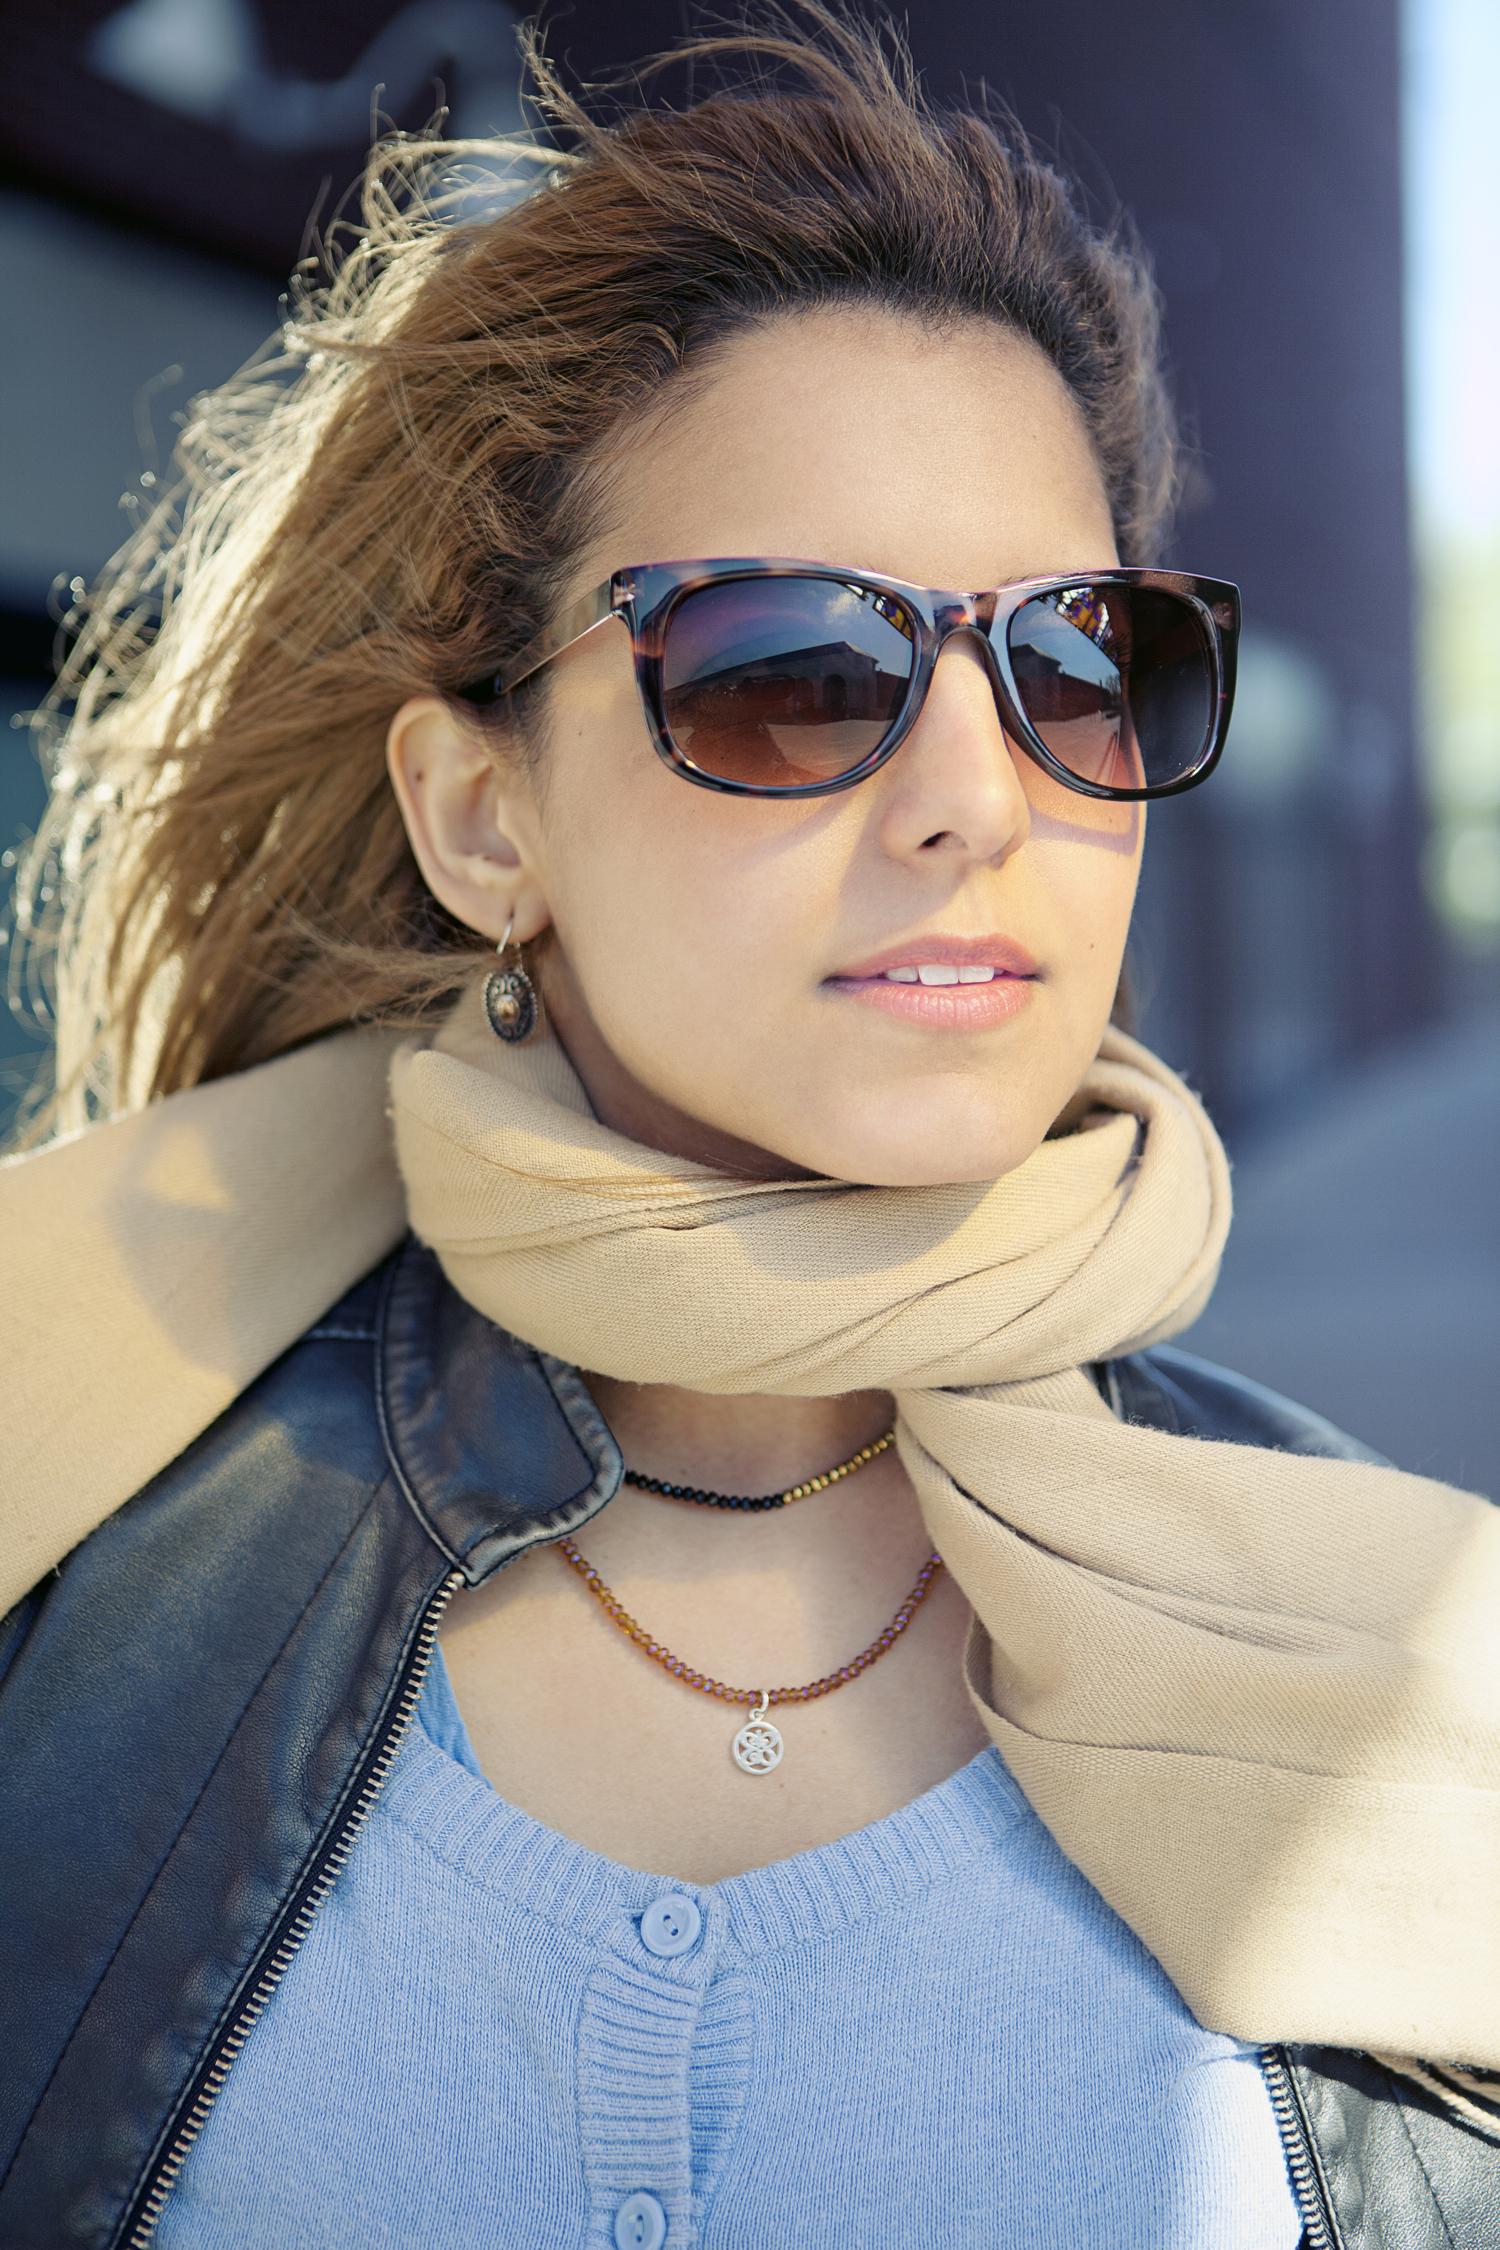 Ana w firefly necklace.jpg